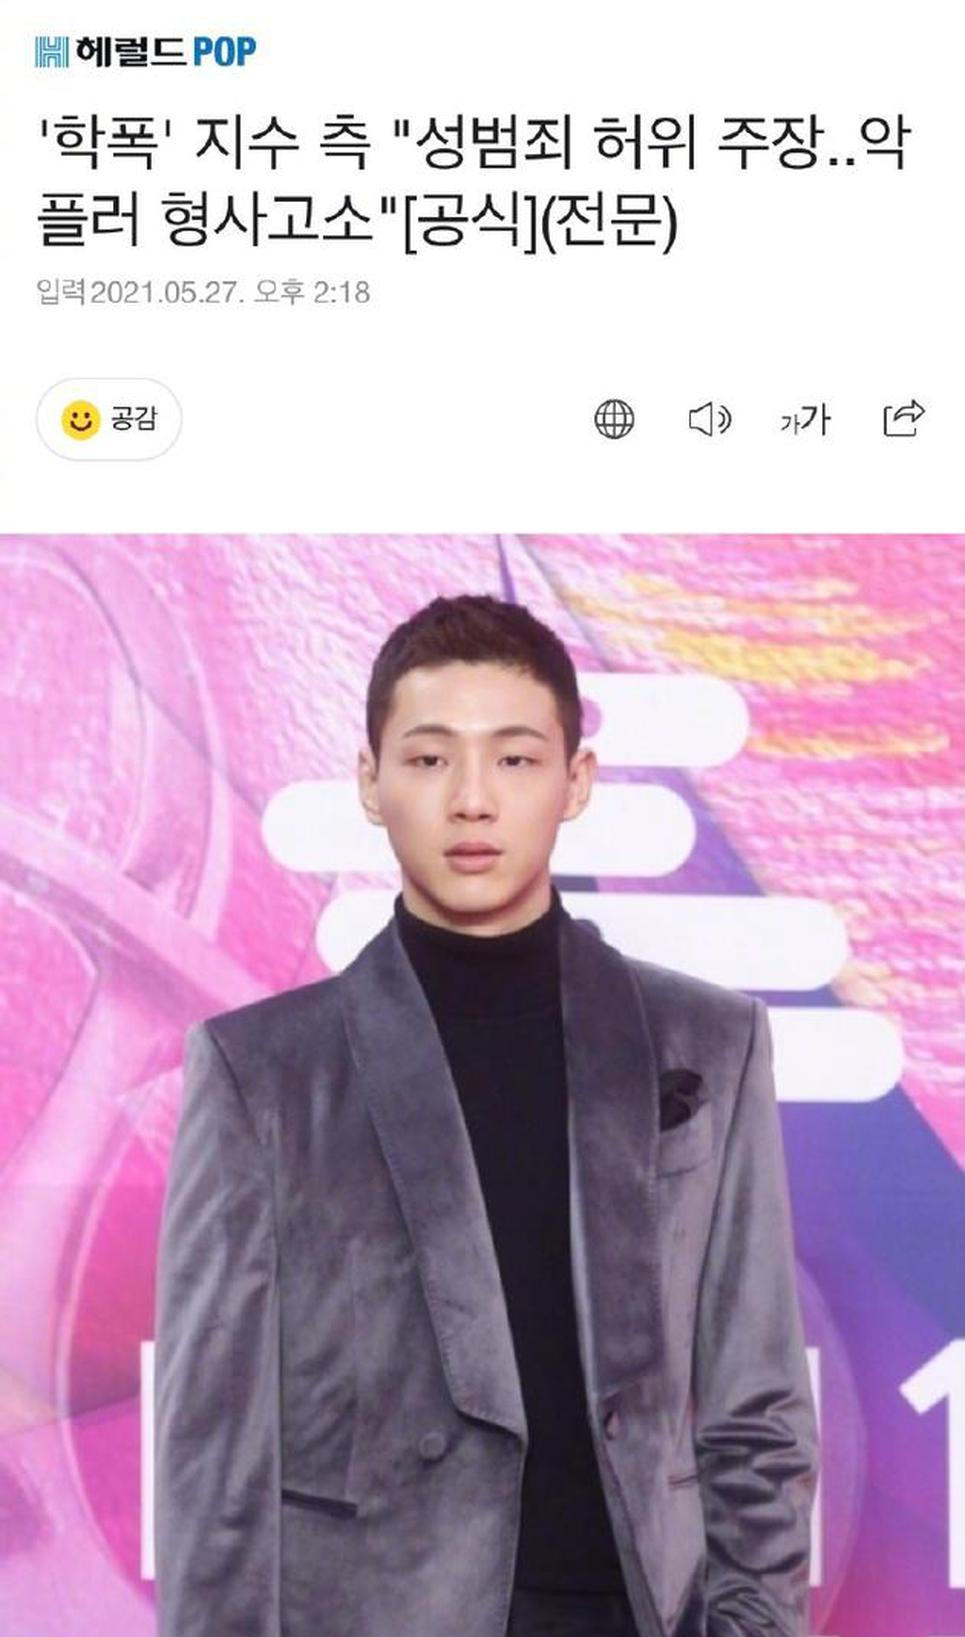 金志洙否认性暴力 将起诉网络恶评及不实谣言